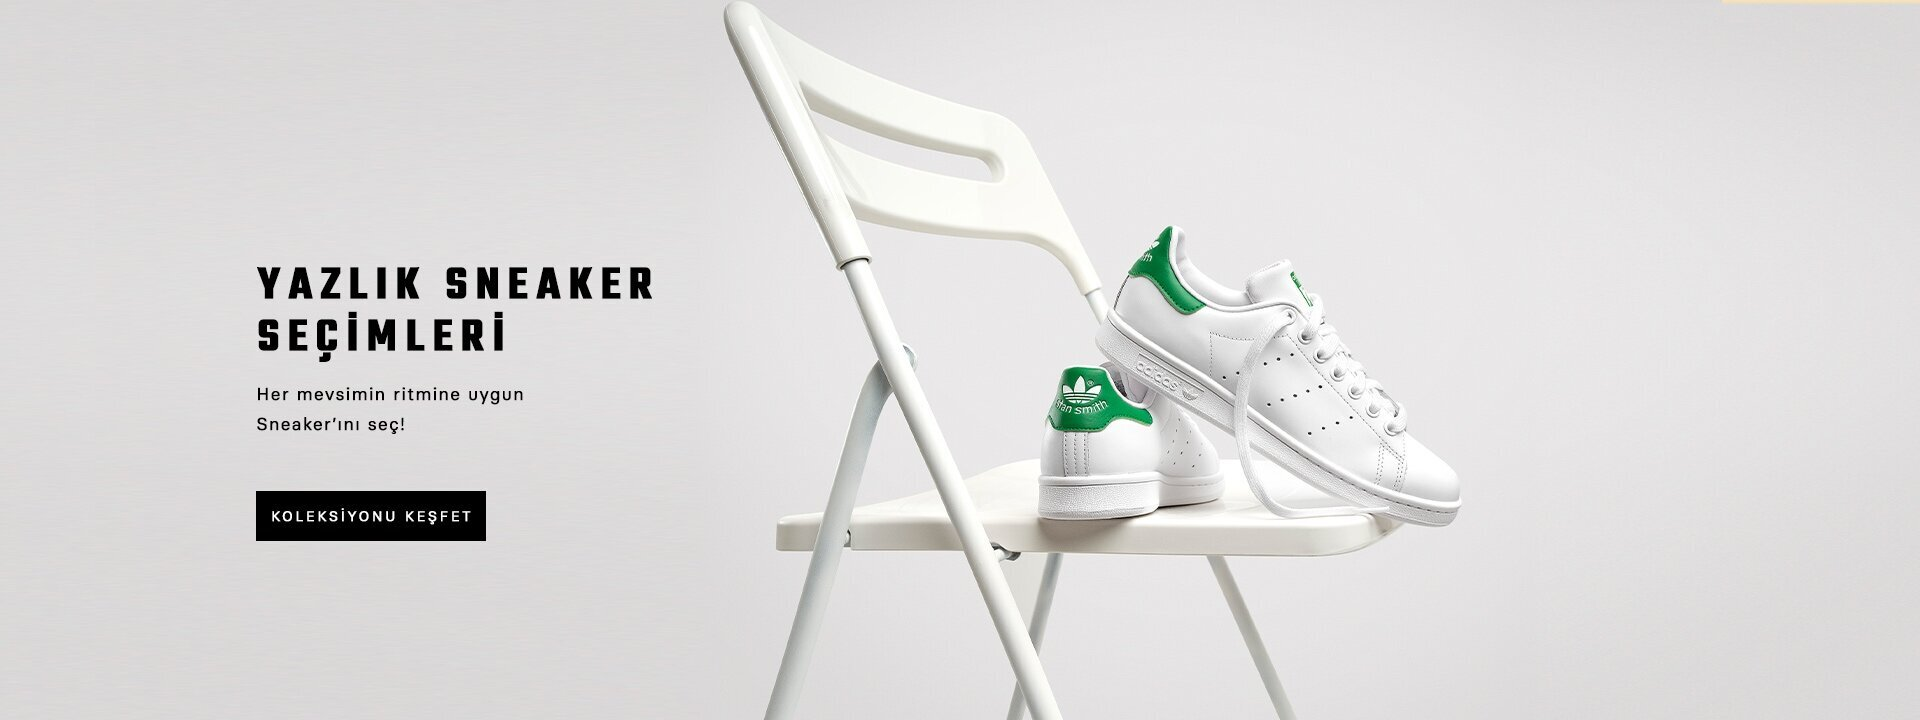 Yazlık Sneaker Kadın